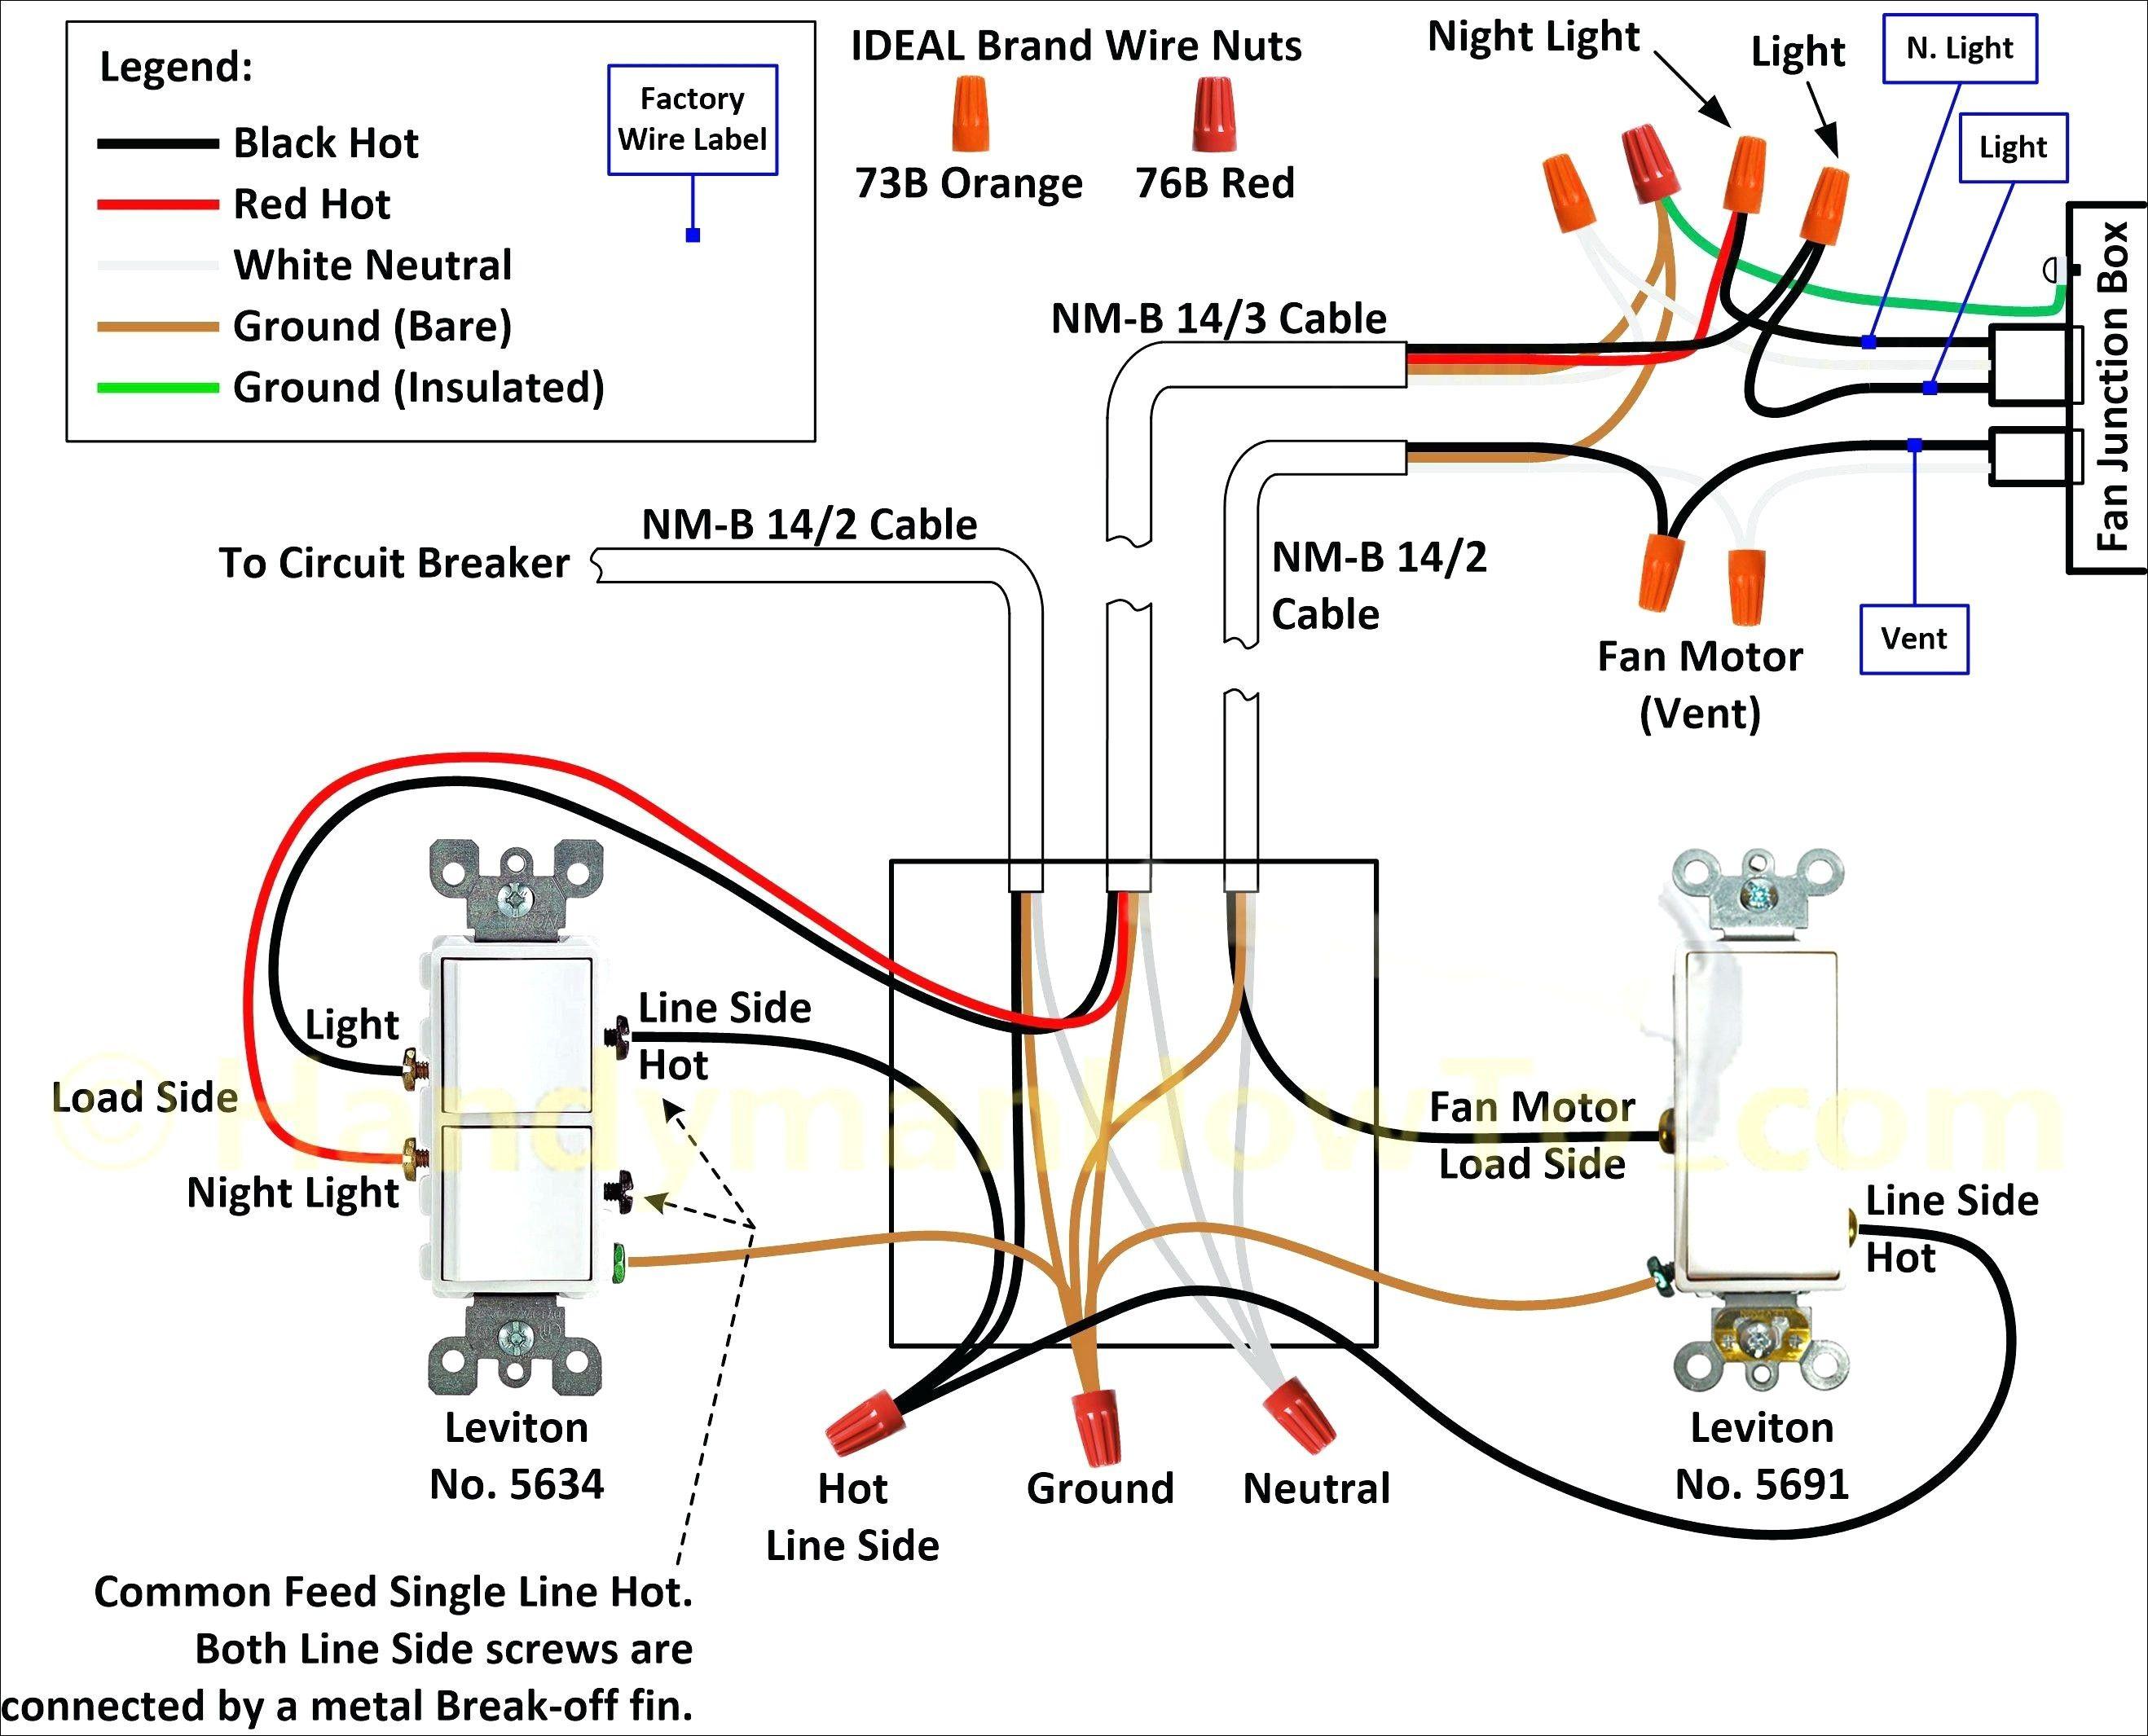 Unique Wiring Diagram For Electric Fan Relay Diagram Diagramsample Diagramtemplate Wiringdiagram D Light Switch Wiring Fan Light Switch Bathroom Fan Light